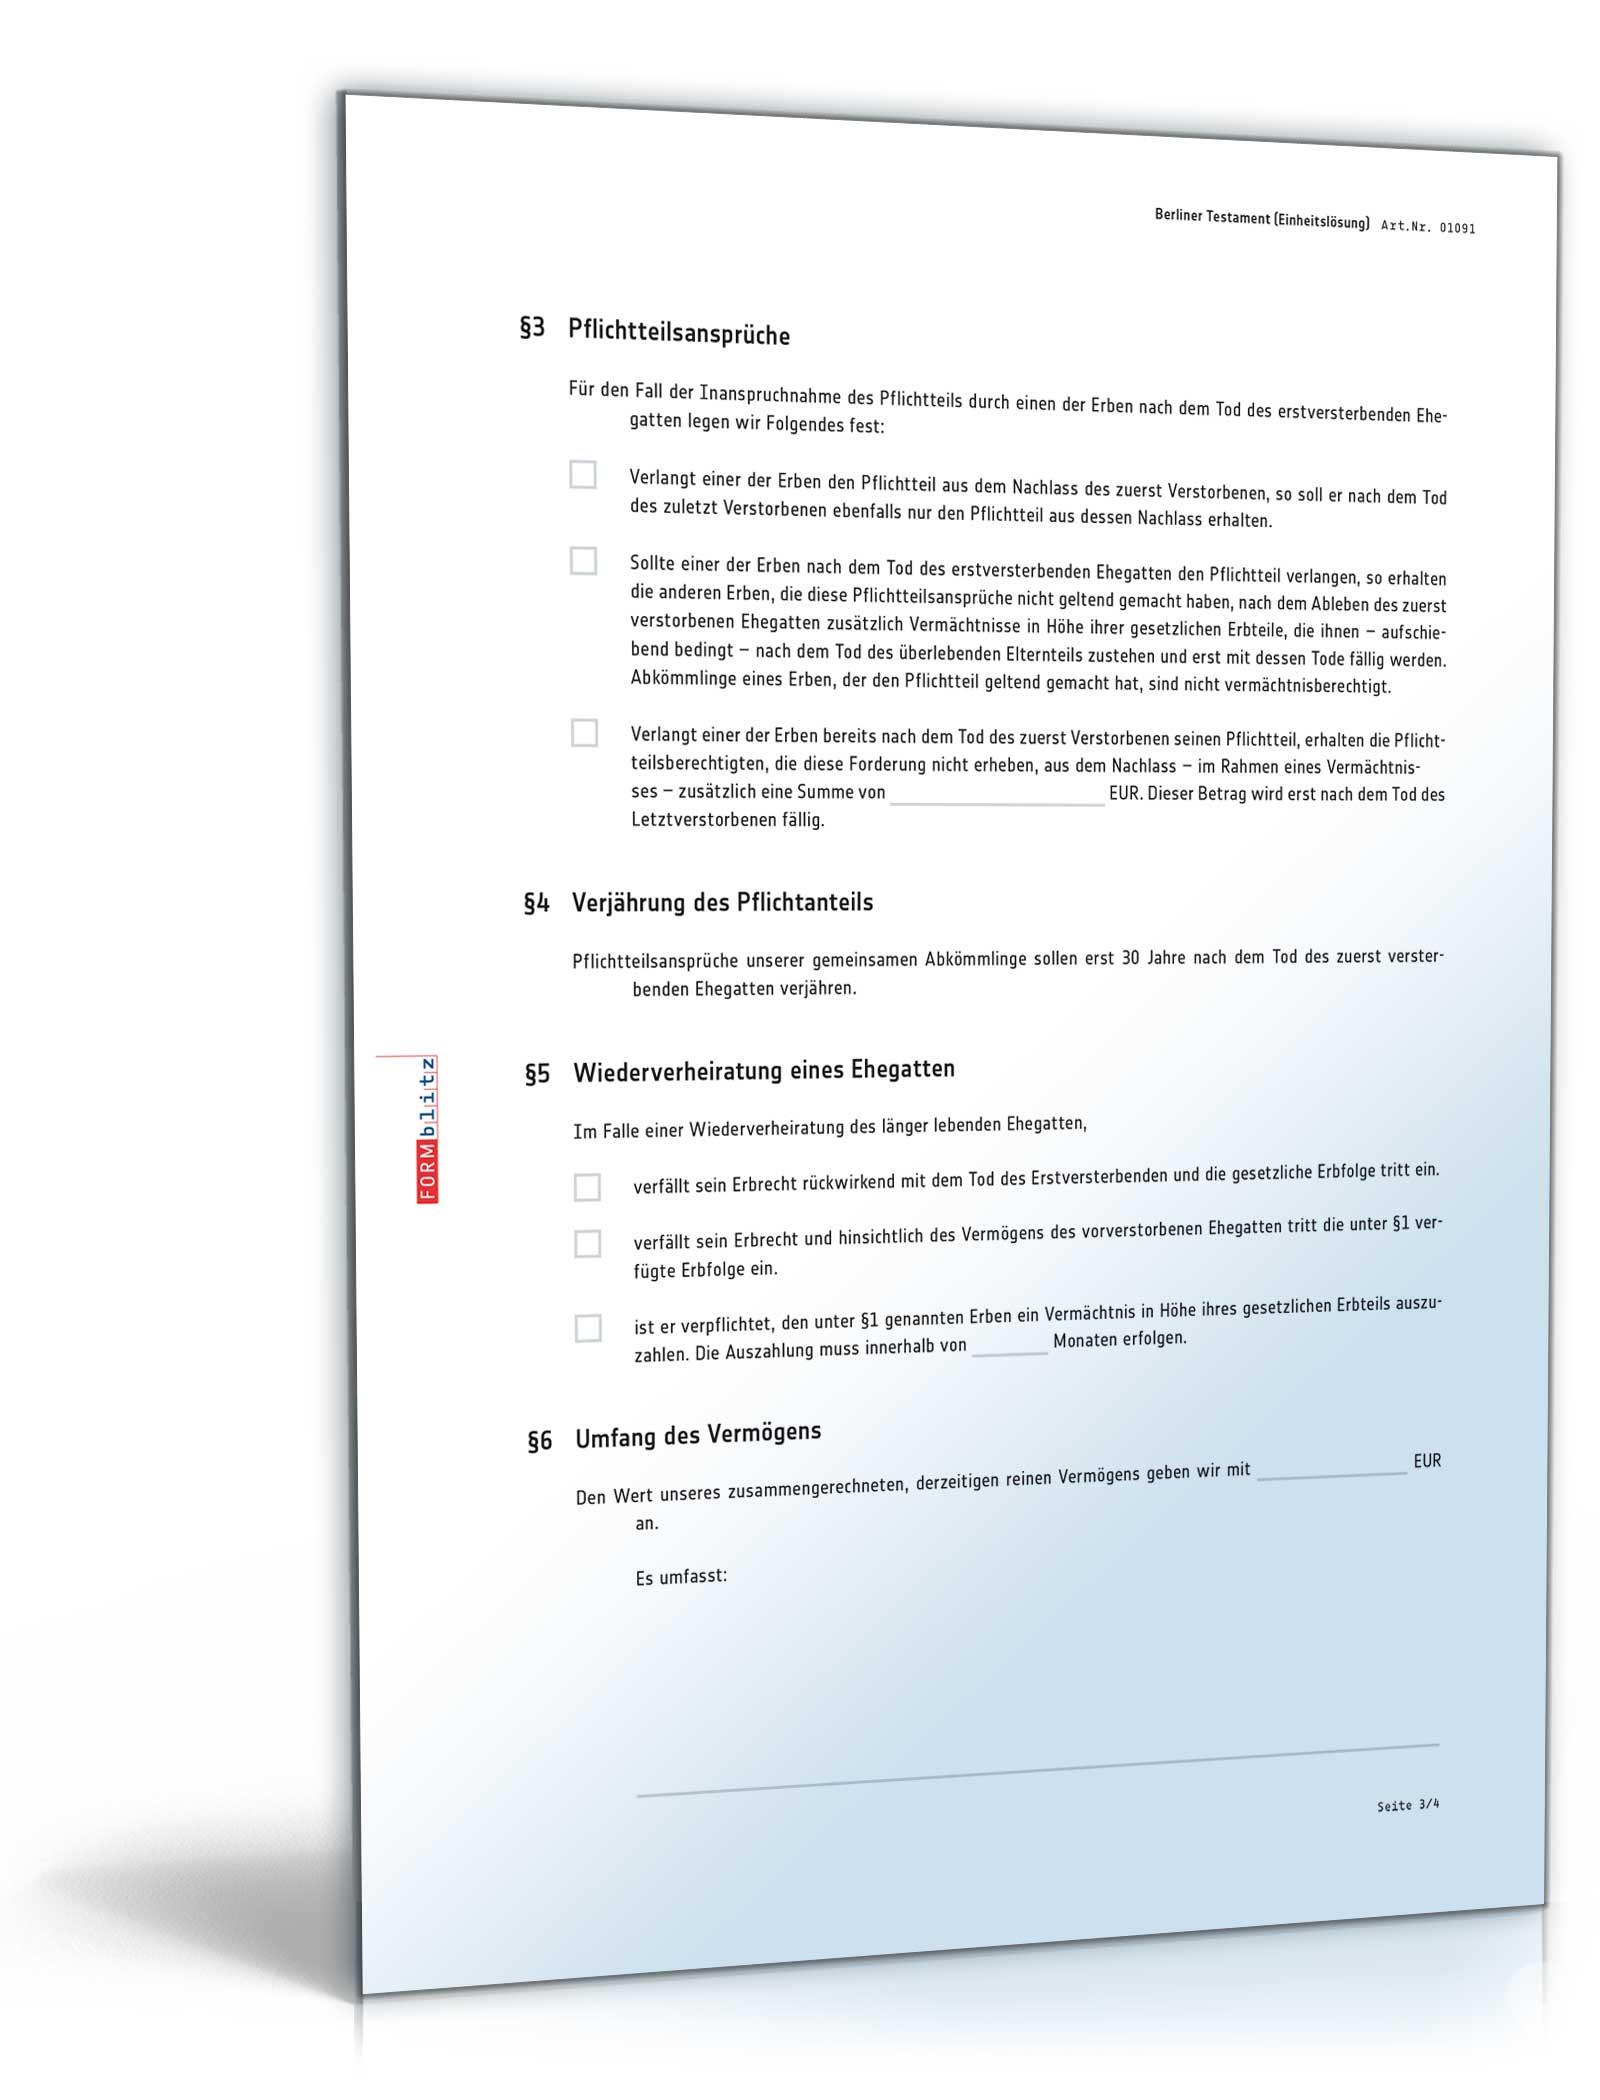 berliner testament einheitslsung pdf ehegattentestament download amazonde software - Ehegattentestament Muster